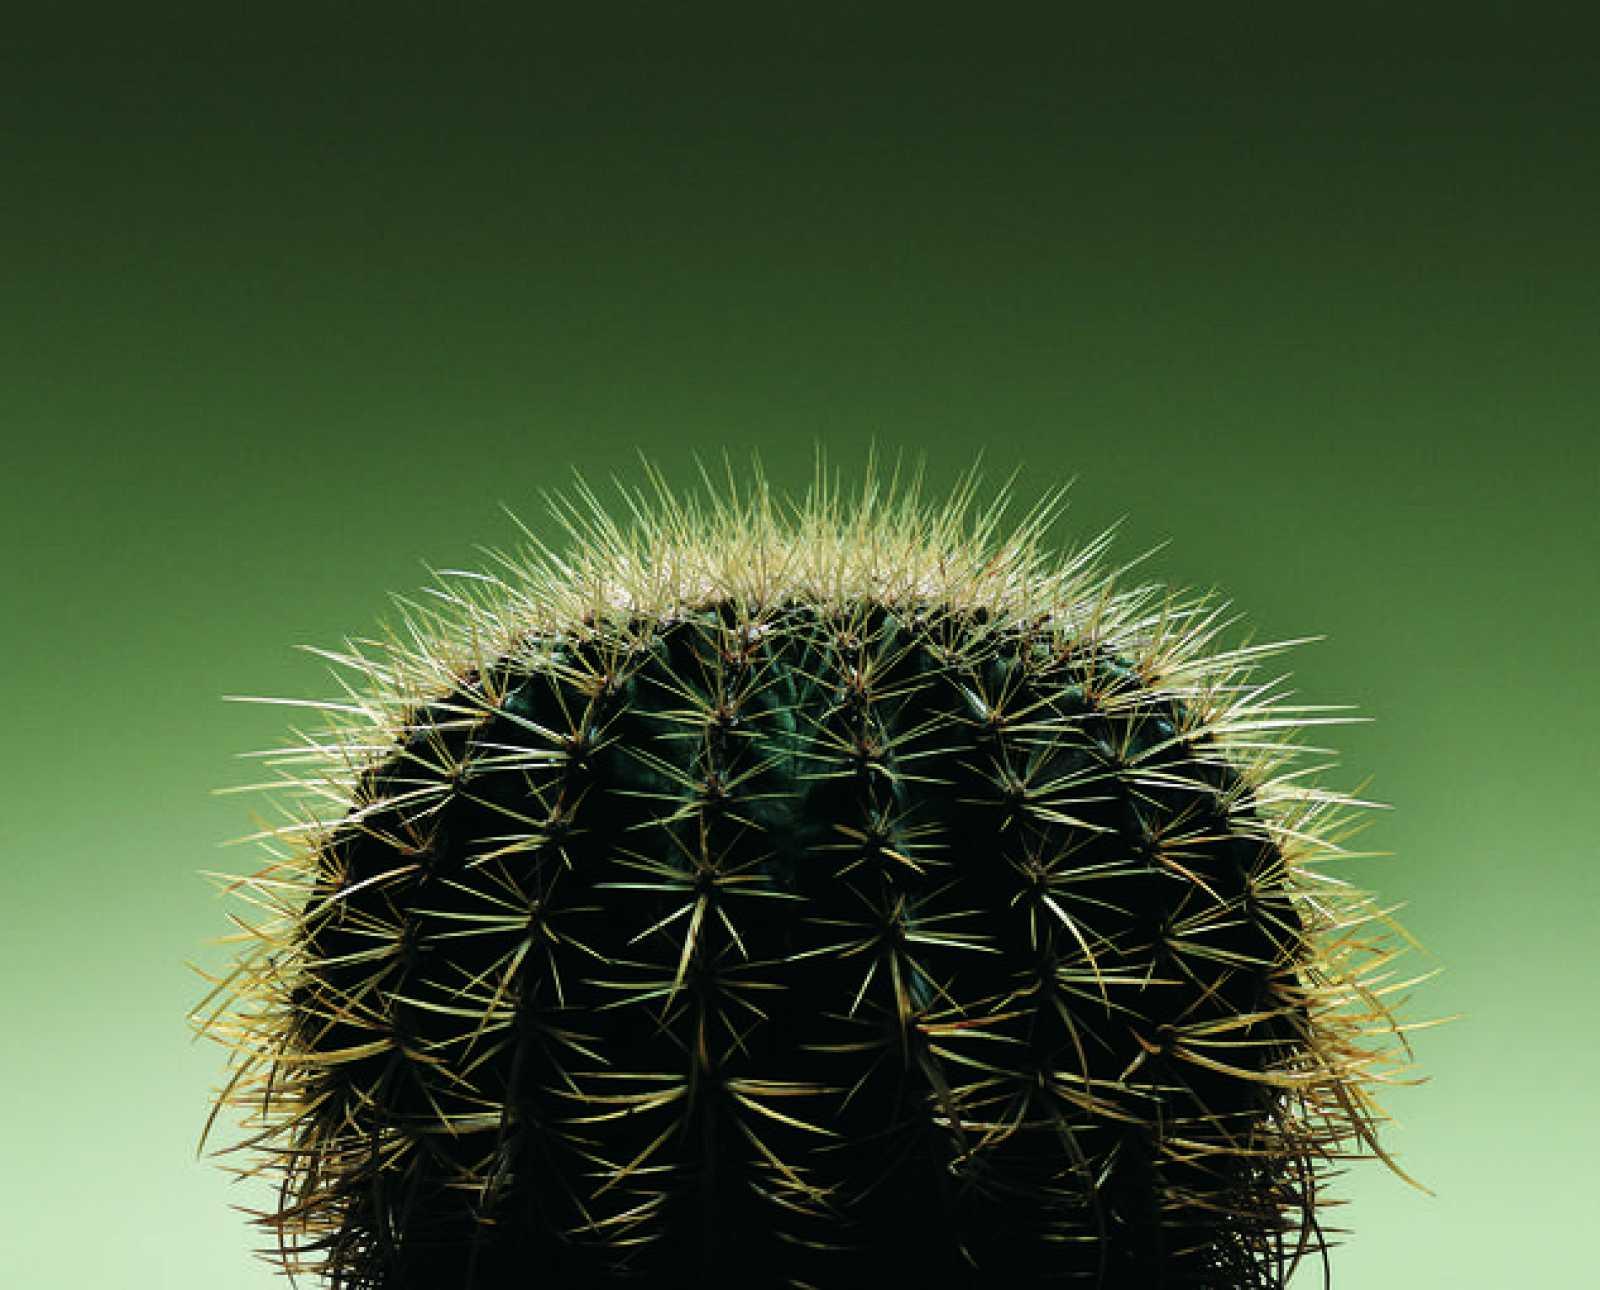 es verdad que los cactus absorben las ondas emitidas por el ordenador. Black Bedroom Furniture Sets. Home Design Ideas